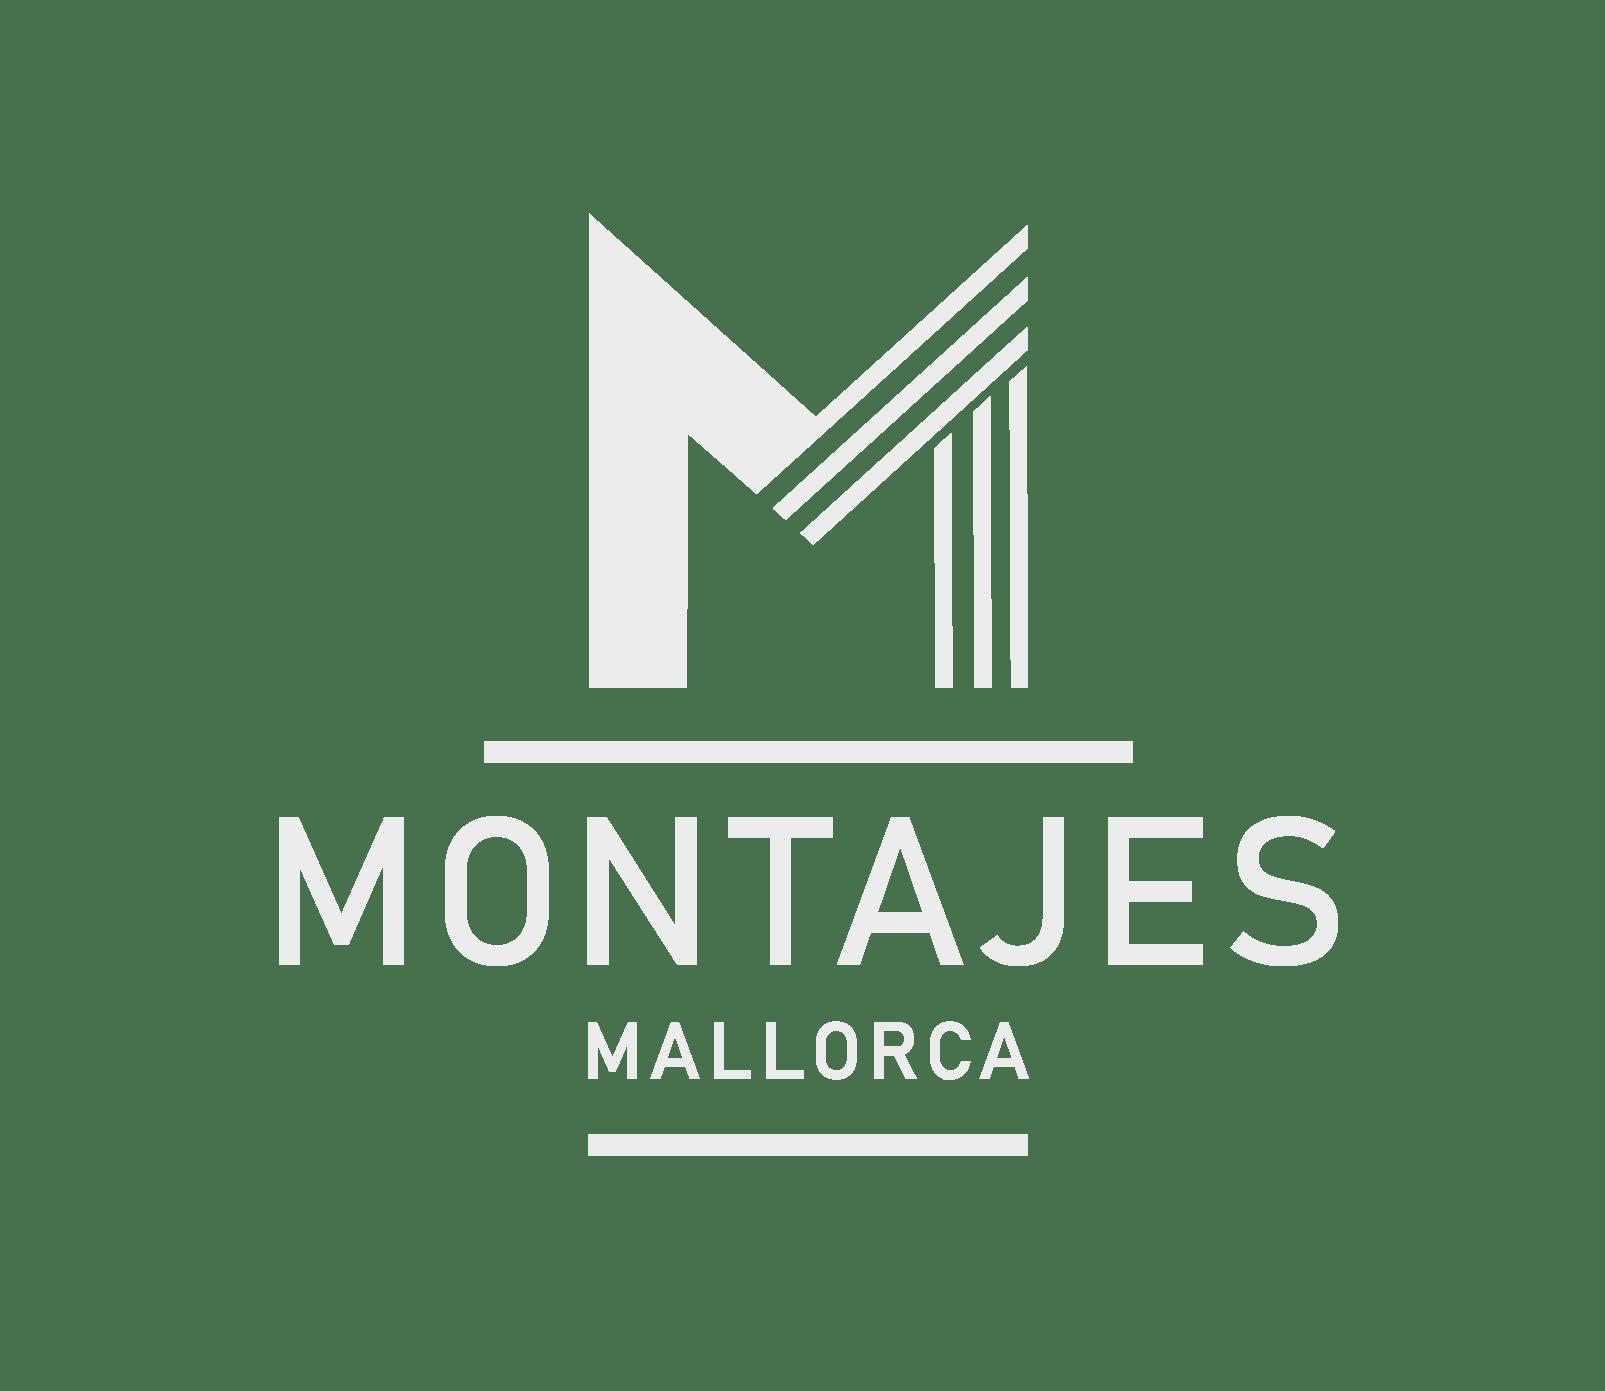 logo montajes mallorca